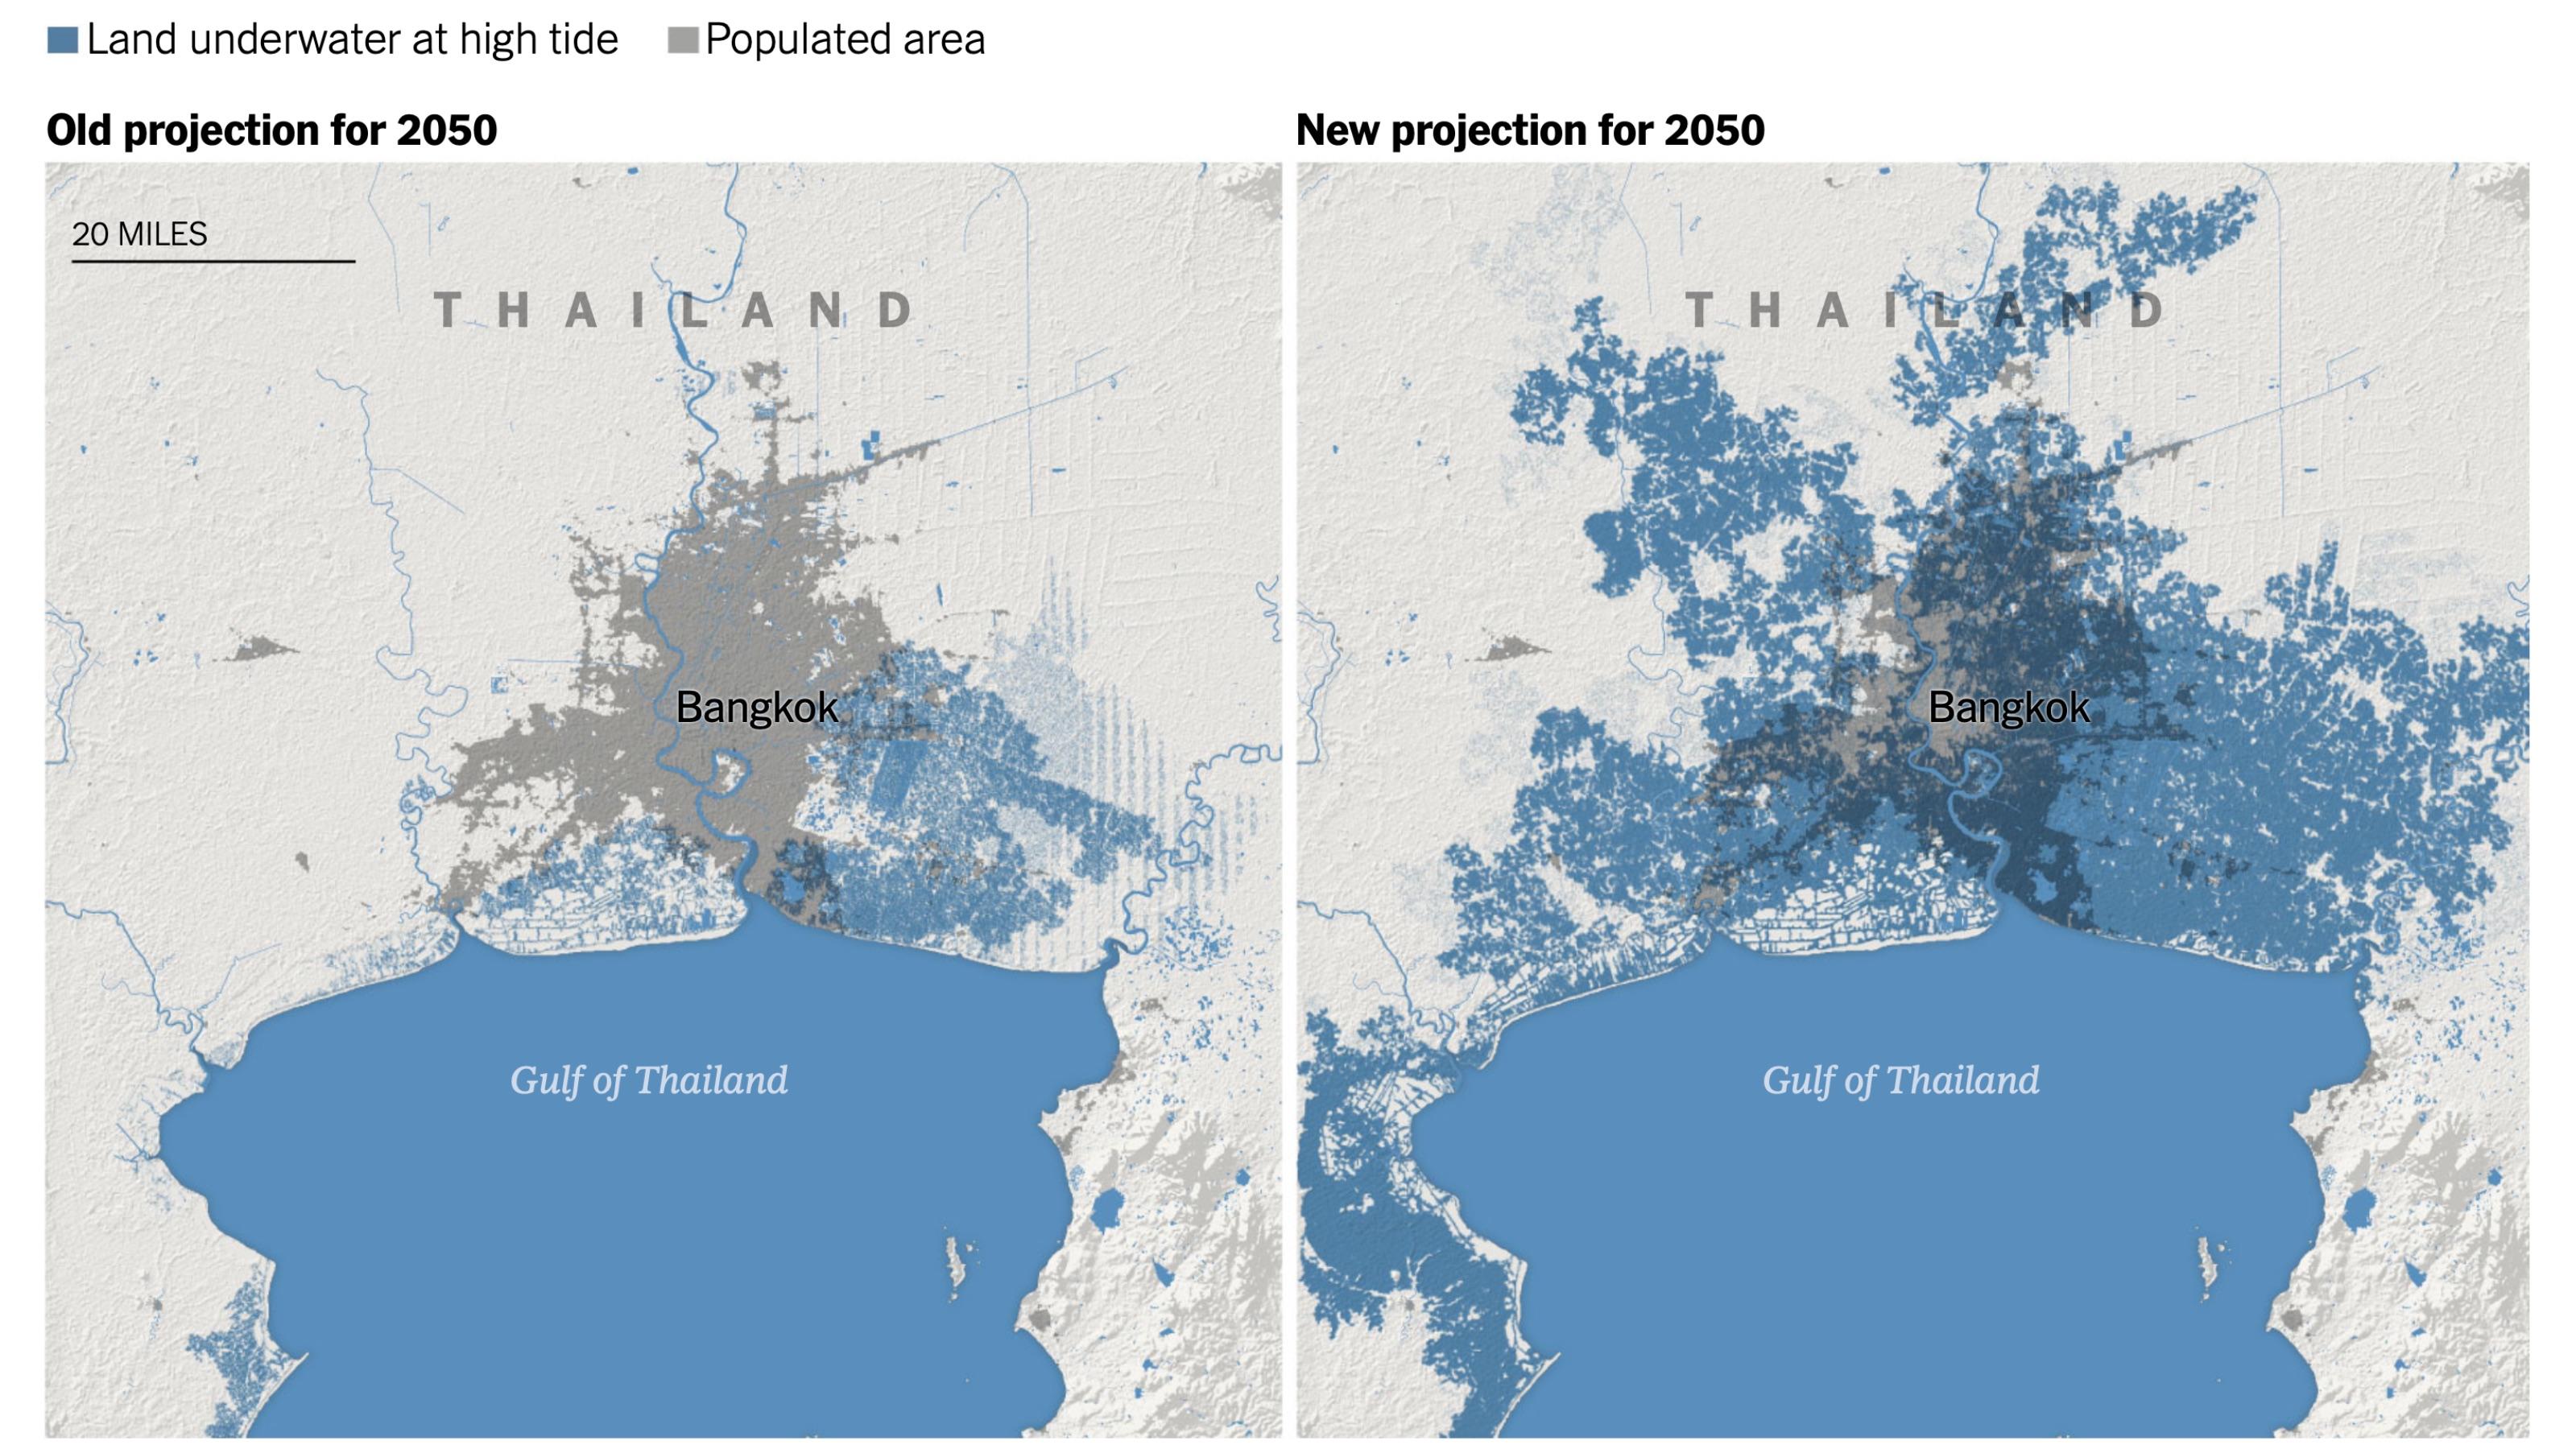 Thành phố Bangkok Thái Lan cũng bị ảnh hưởng